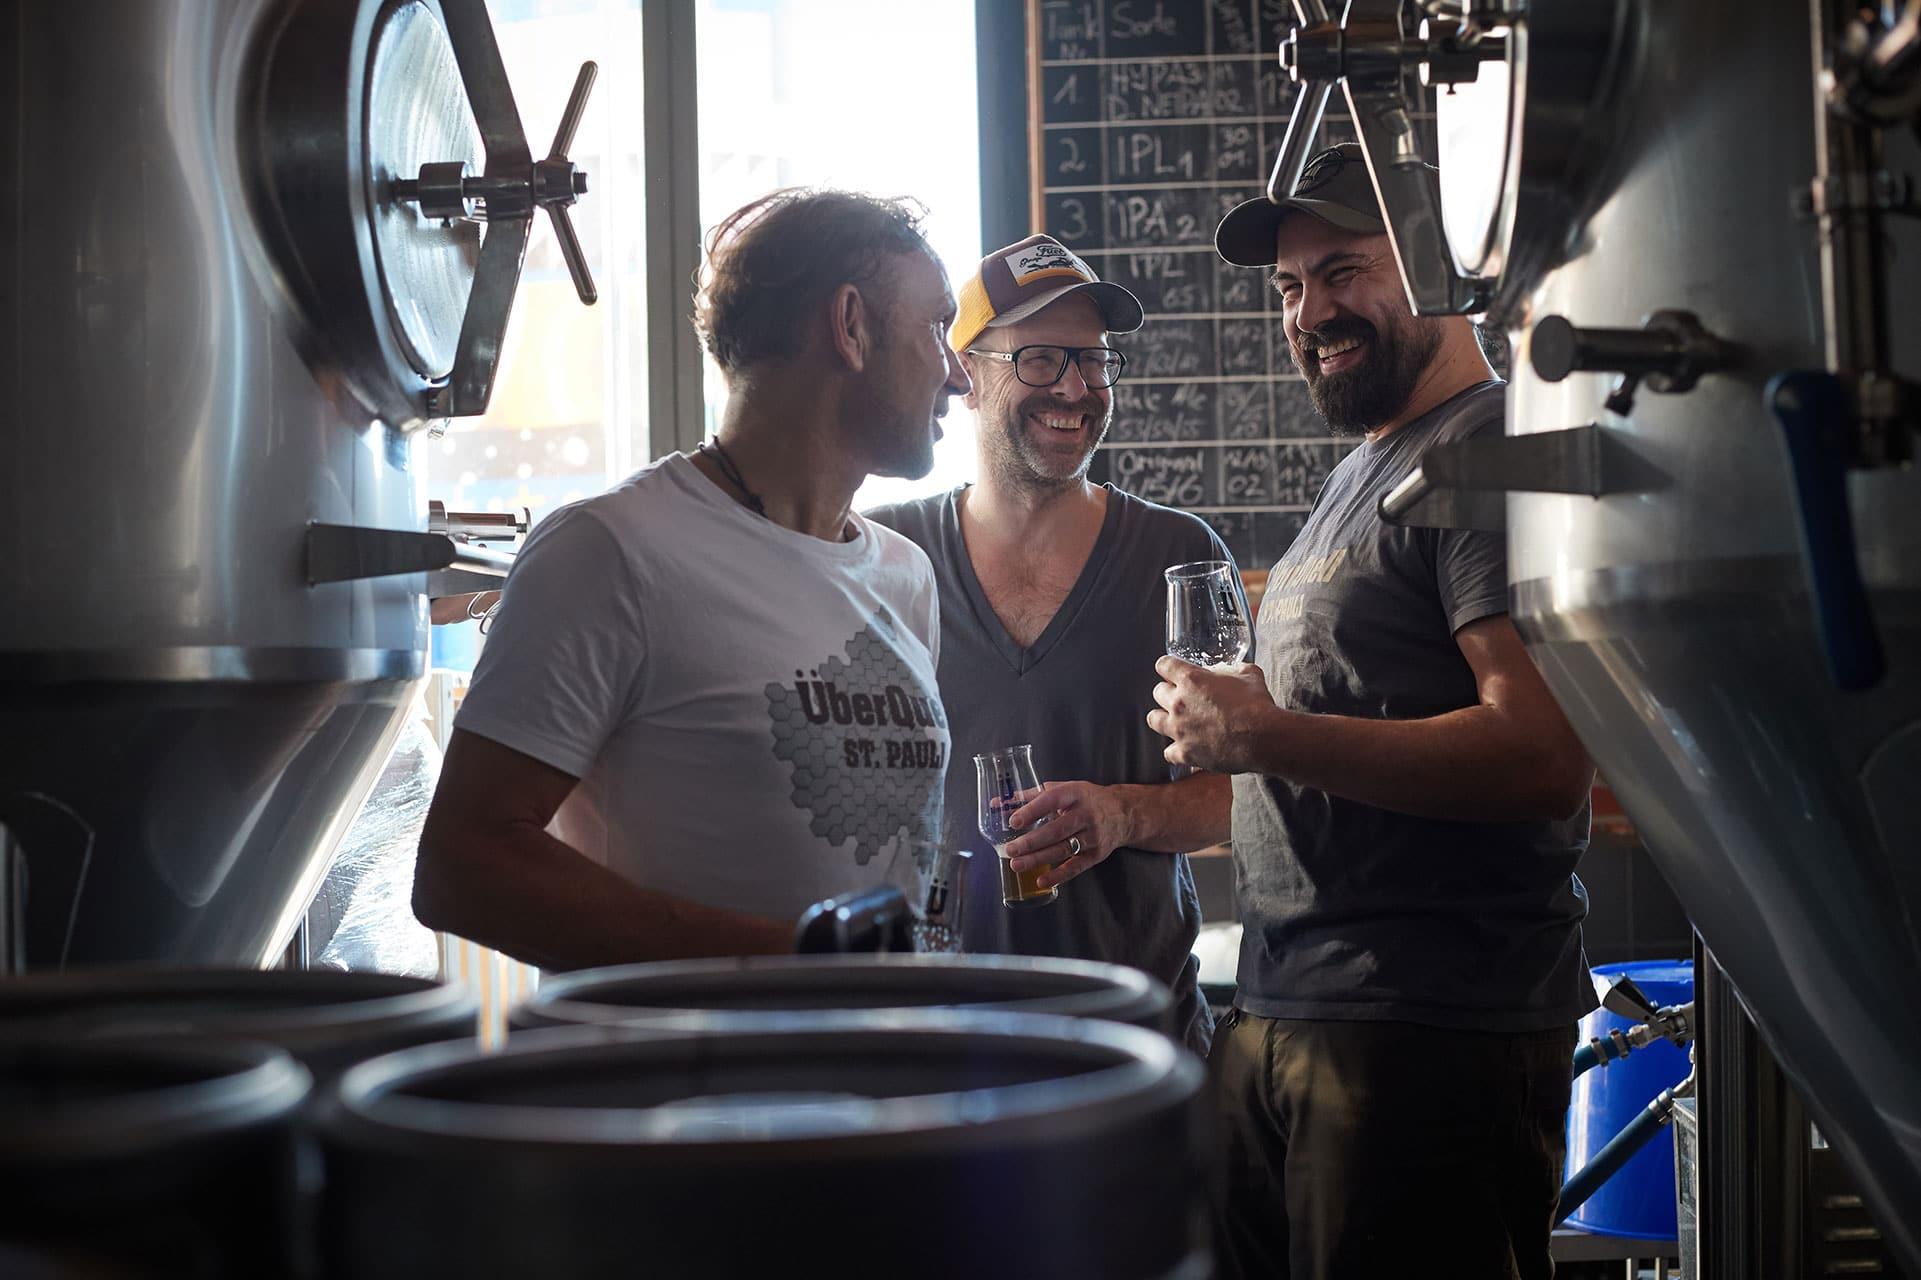 ÜberQuell Team Brauerei - So nachhaltig kann Craft Beer sein!